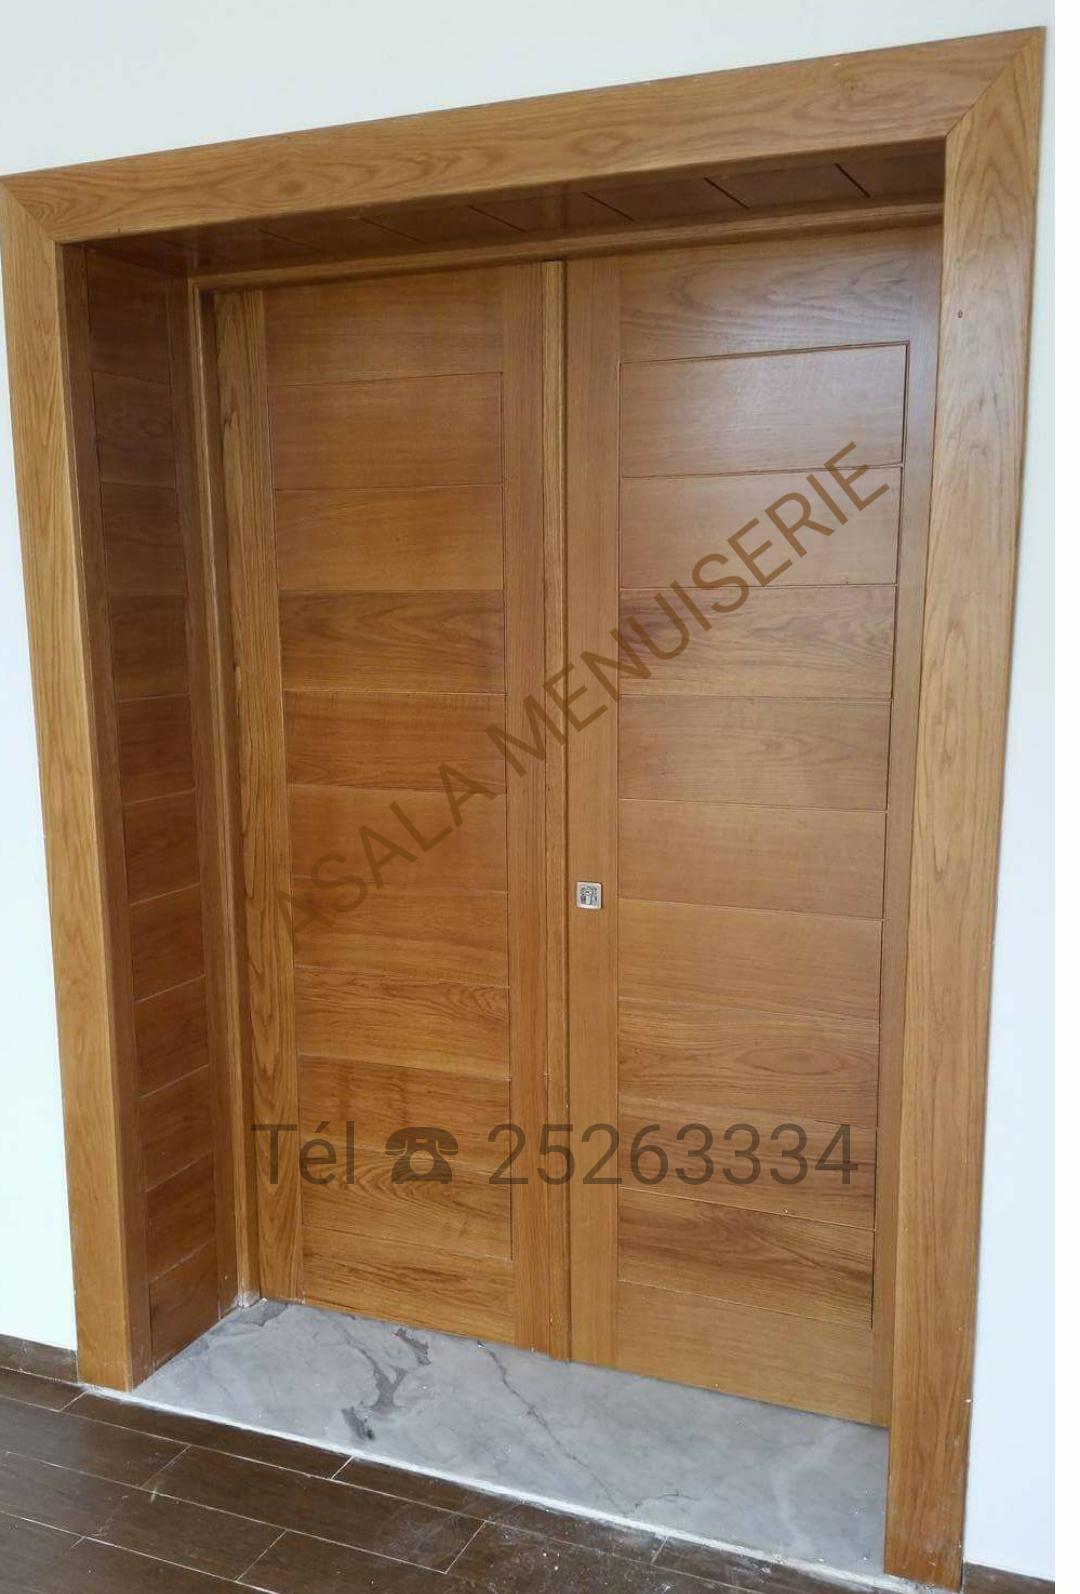 portes haute gamme meubles et decoration tunisie With meubles de montagne en bois 4 portes dentree meubles et decoration tunisie